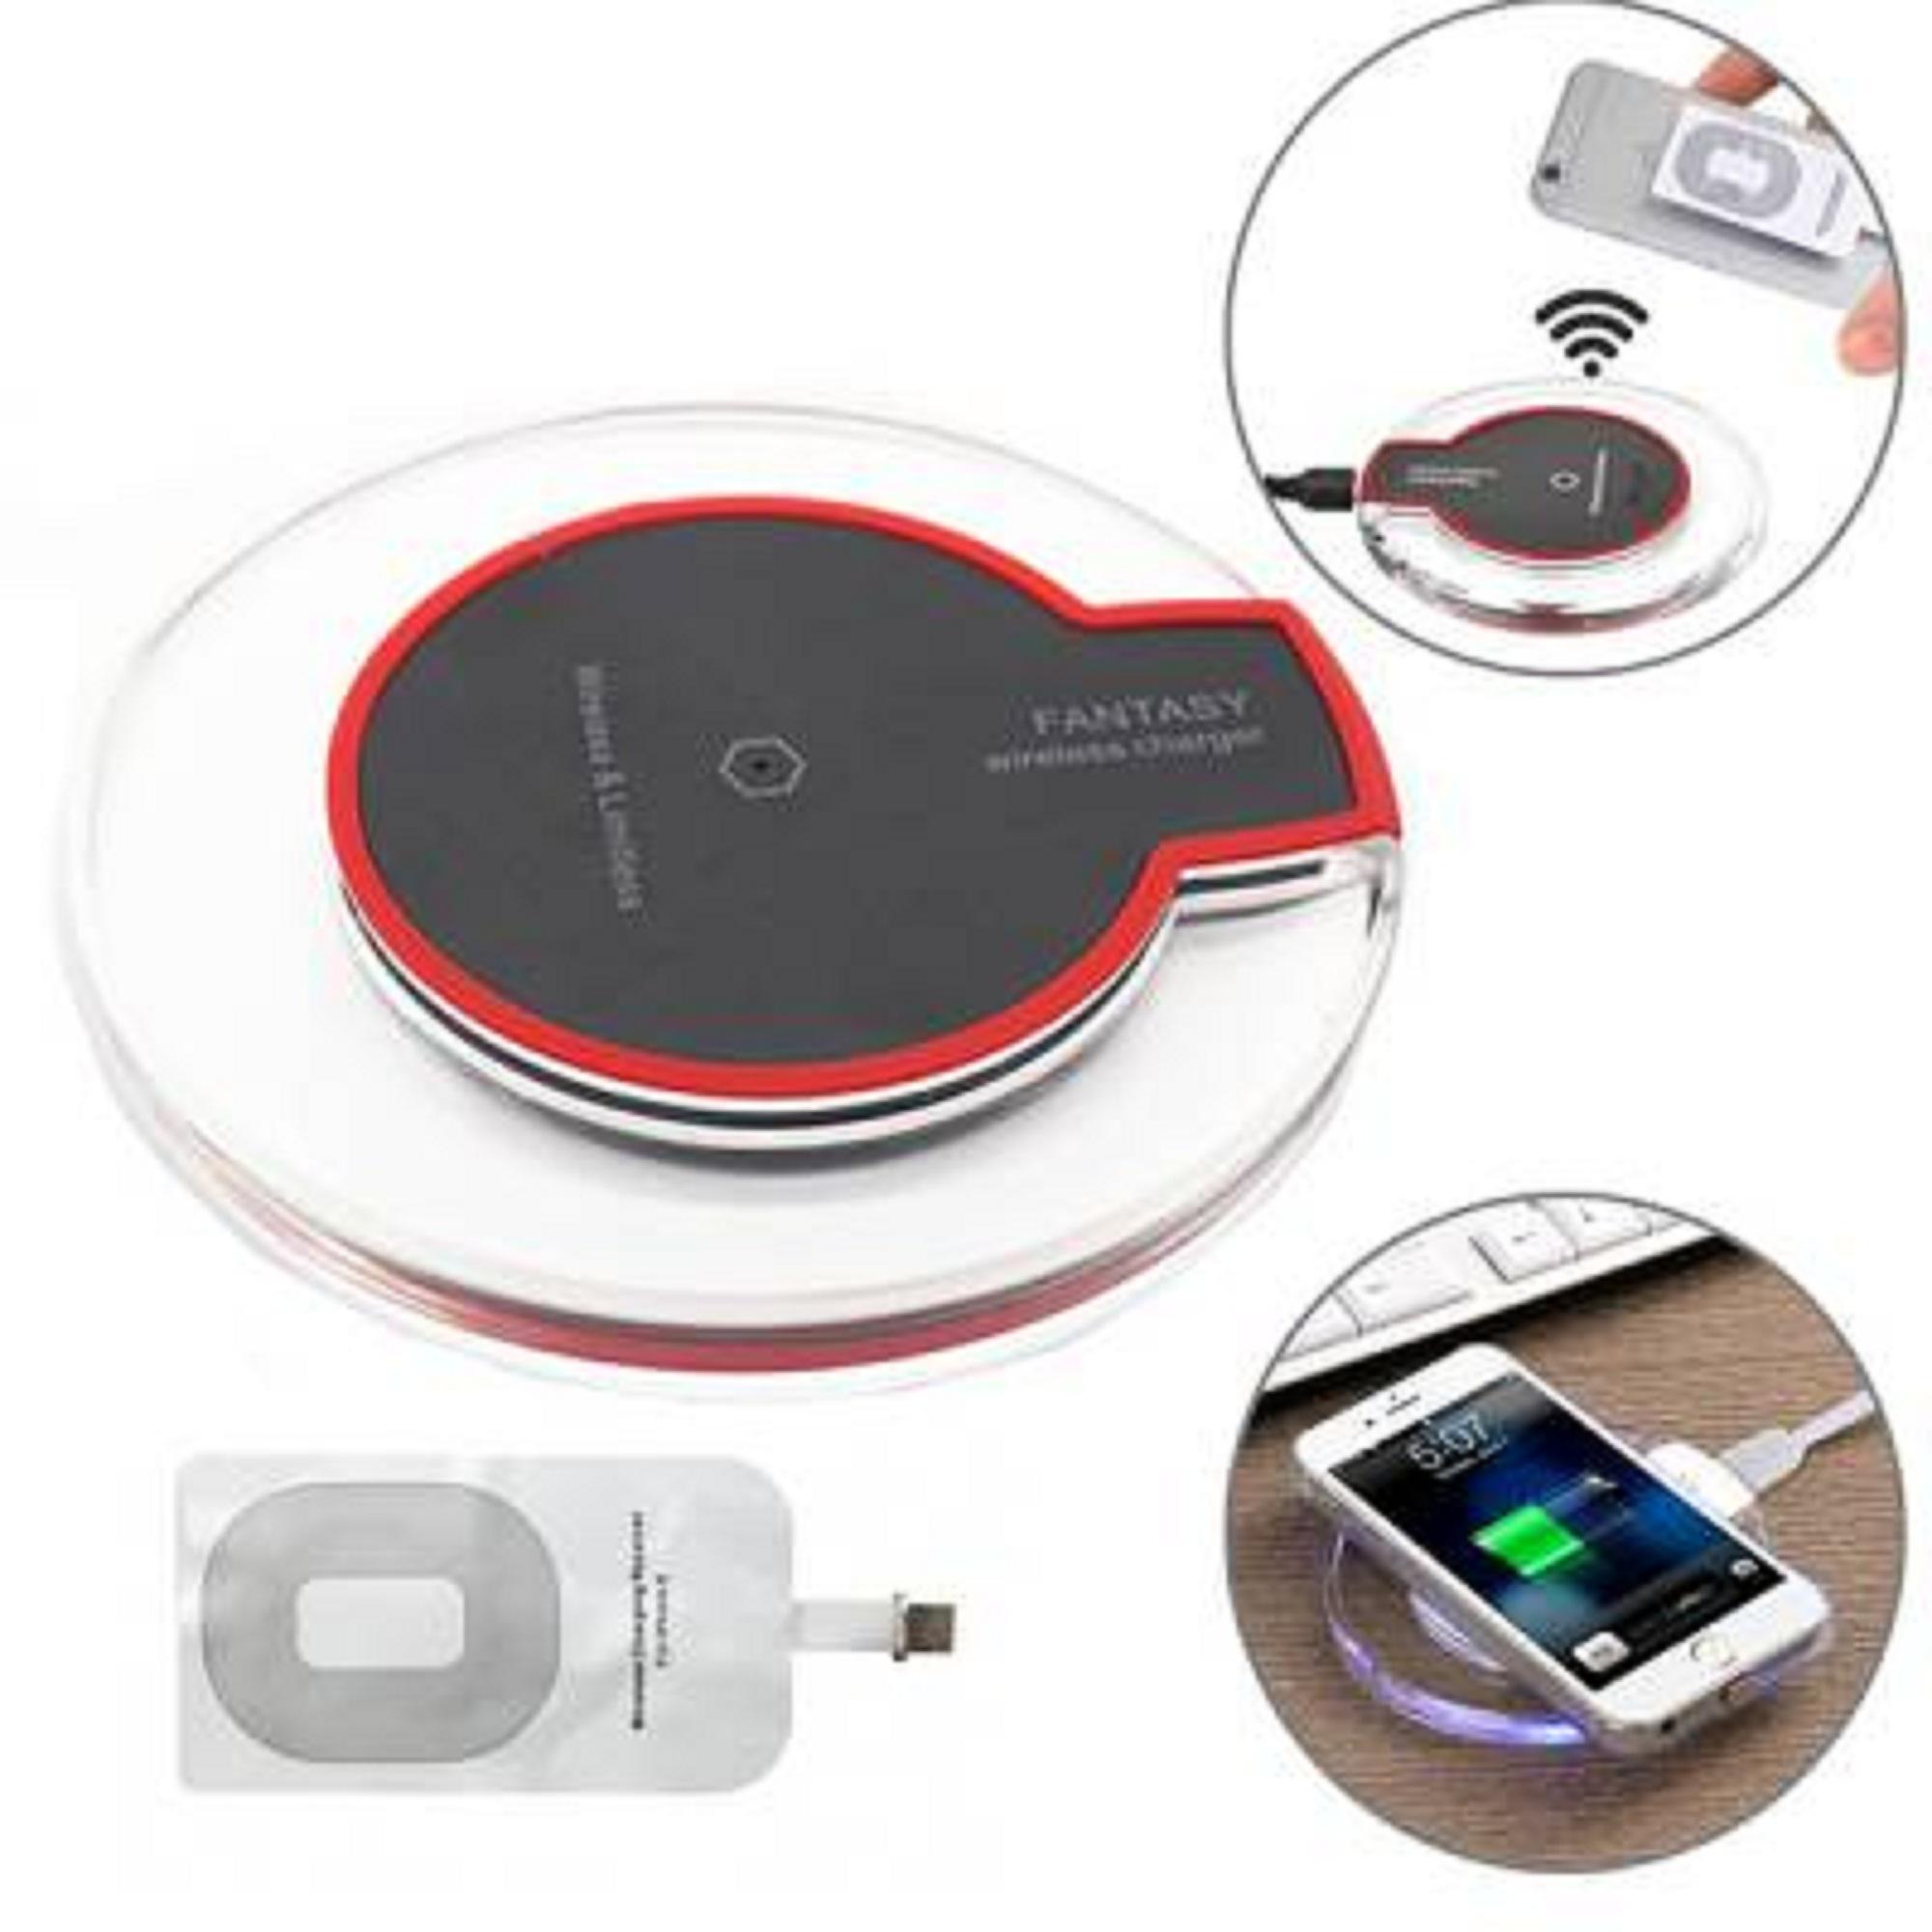 Hình ảnh Sạc không dây Fantasay cho IPhone (Bao gồm đĩa sạc, bo mạch, cáp sạc)